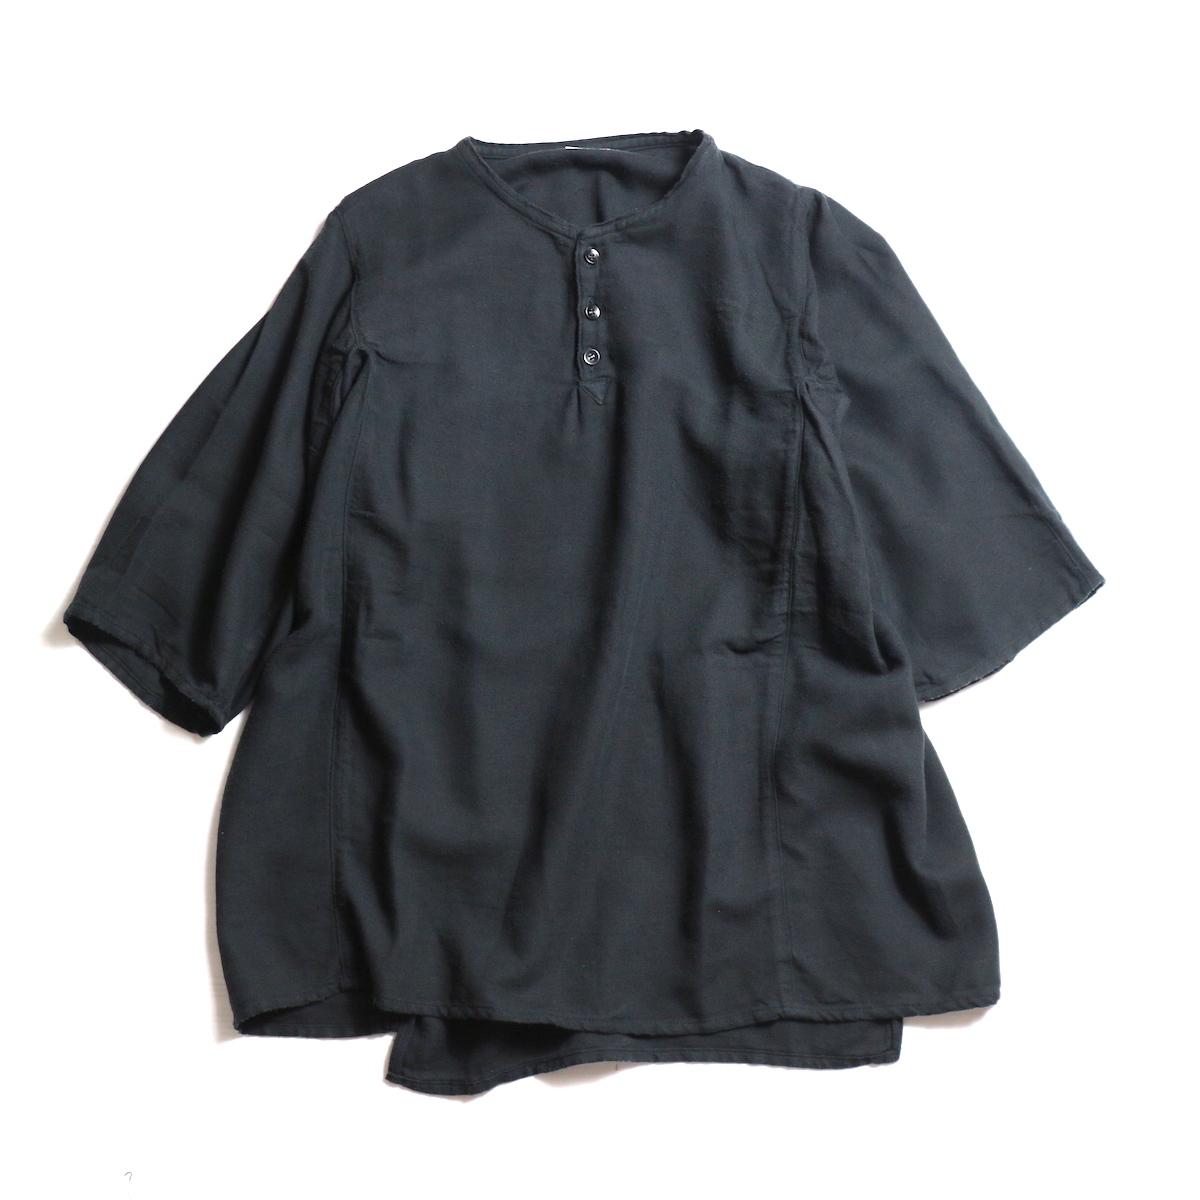 blurhms / Rough Silk Cotton Henry Neck Shirt